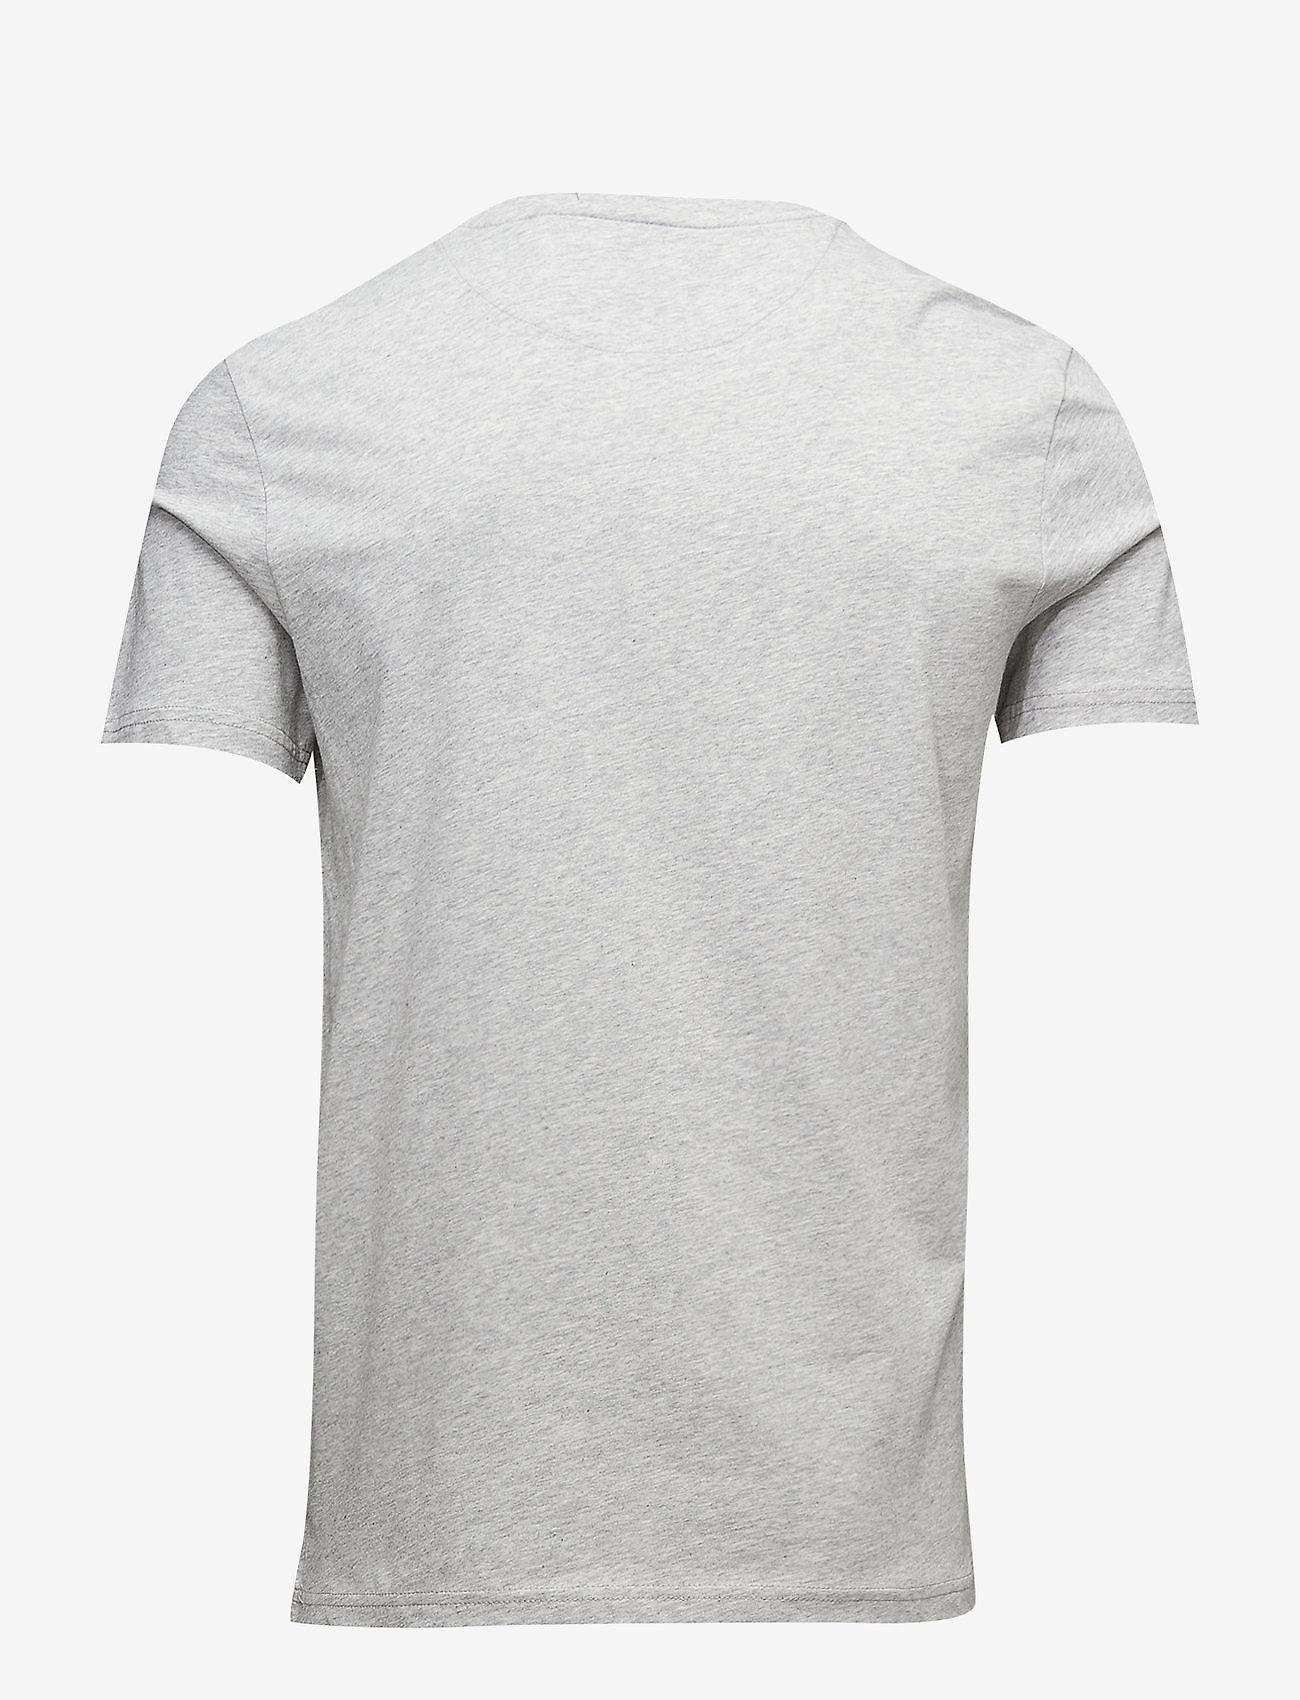 Lyle & Scott Crew Neck T-Shirt - T-skjorter LIGHT GREY MARL - Menn Klær